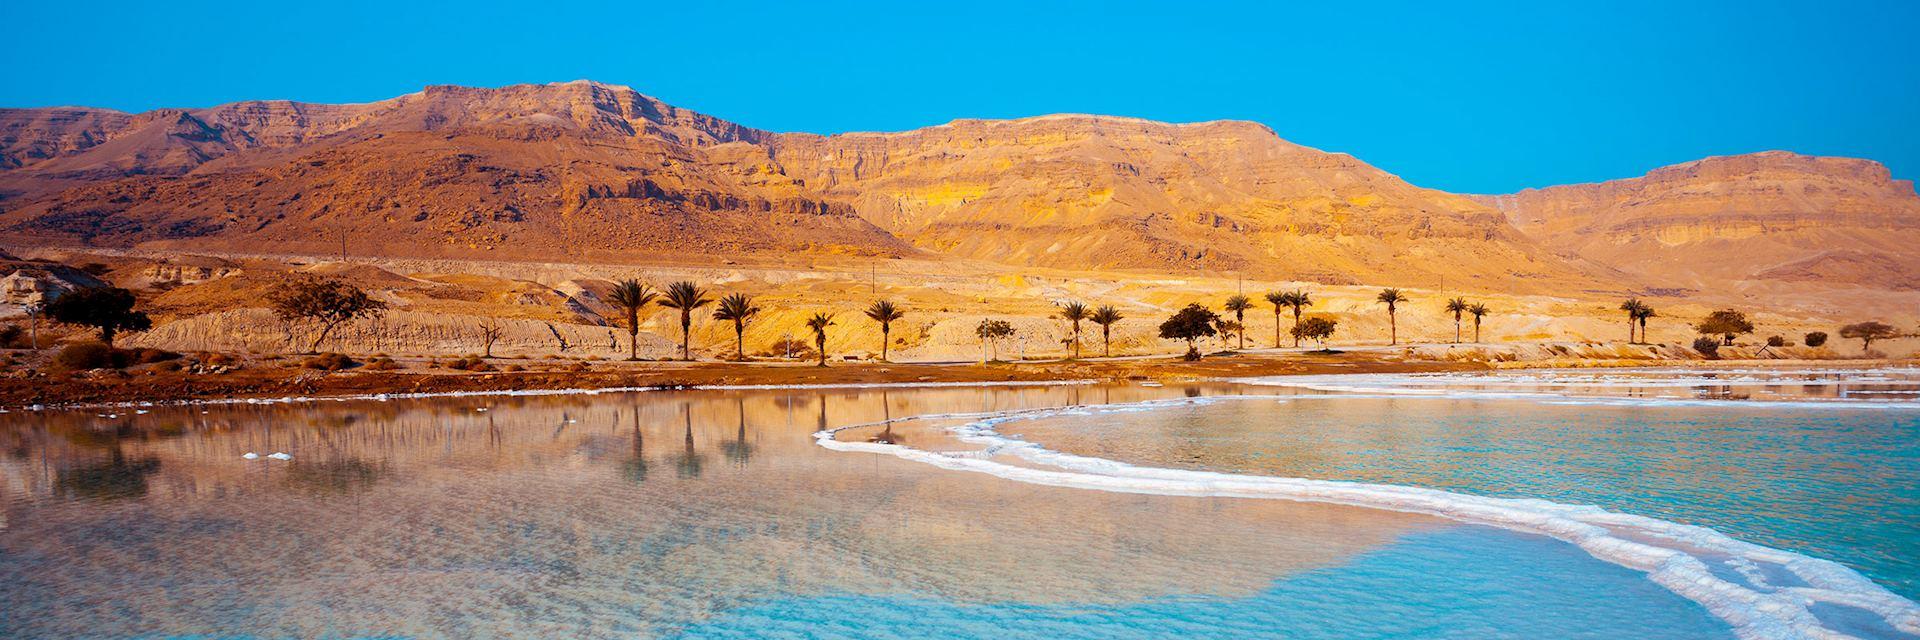 Dead Sea seahore